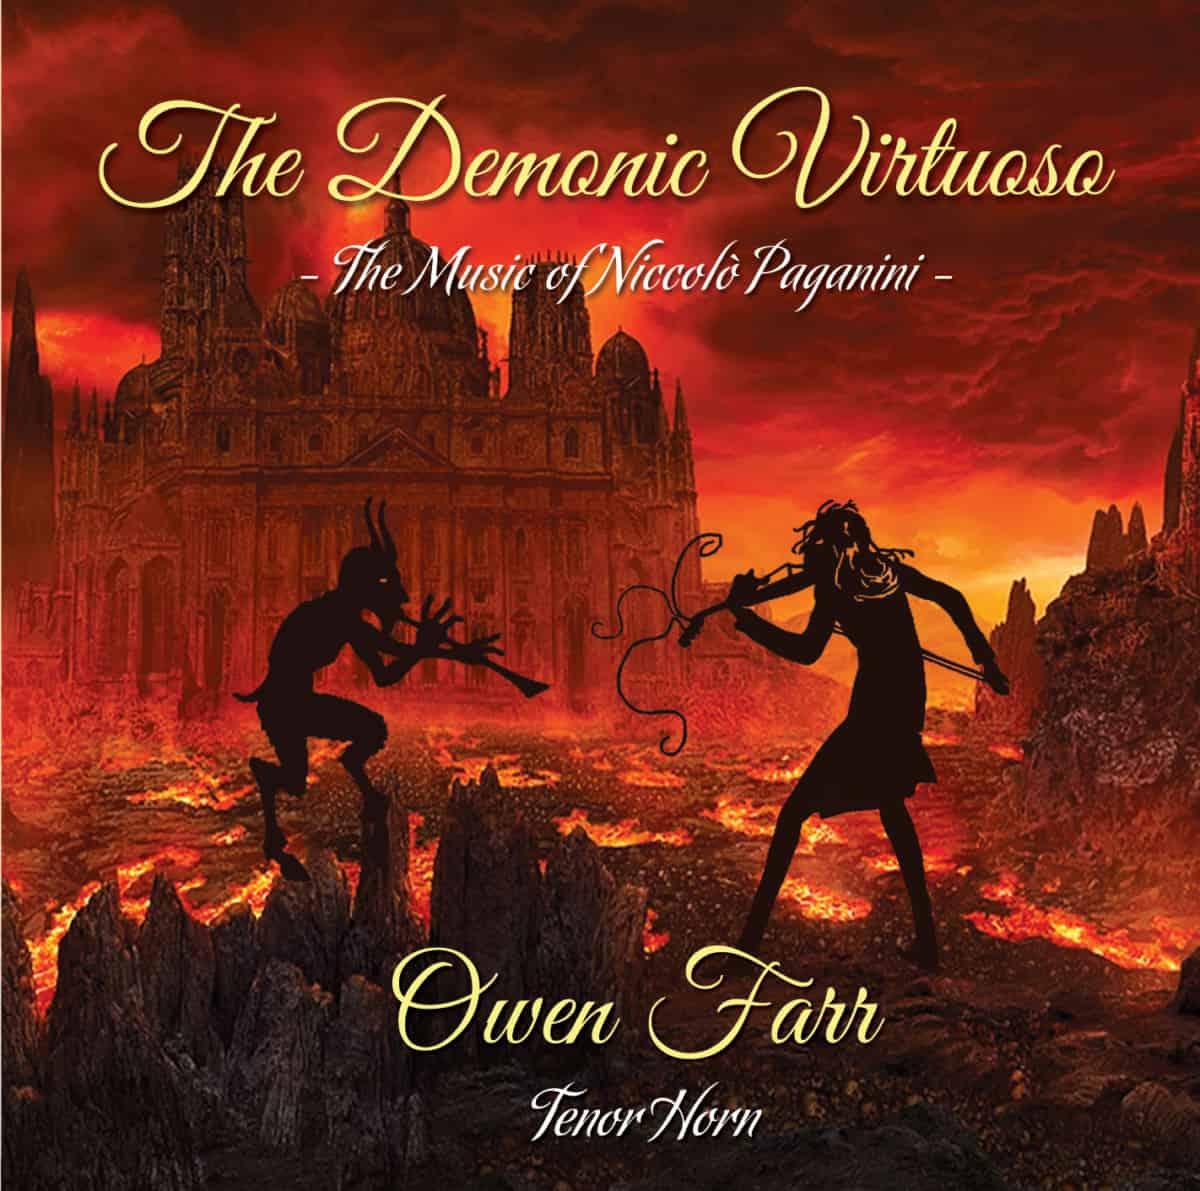 Owen Farr - The Demonic Virtuoso - CD cover